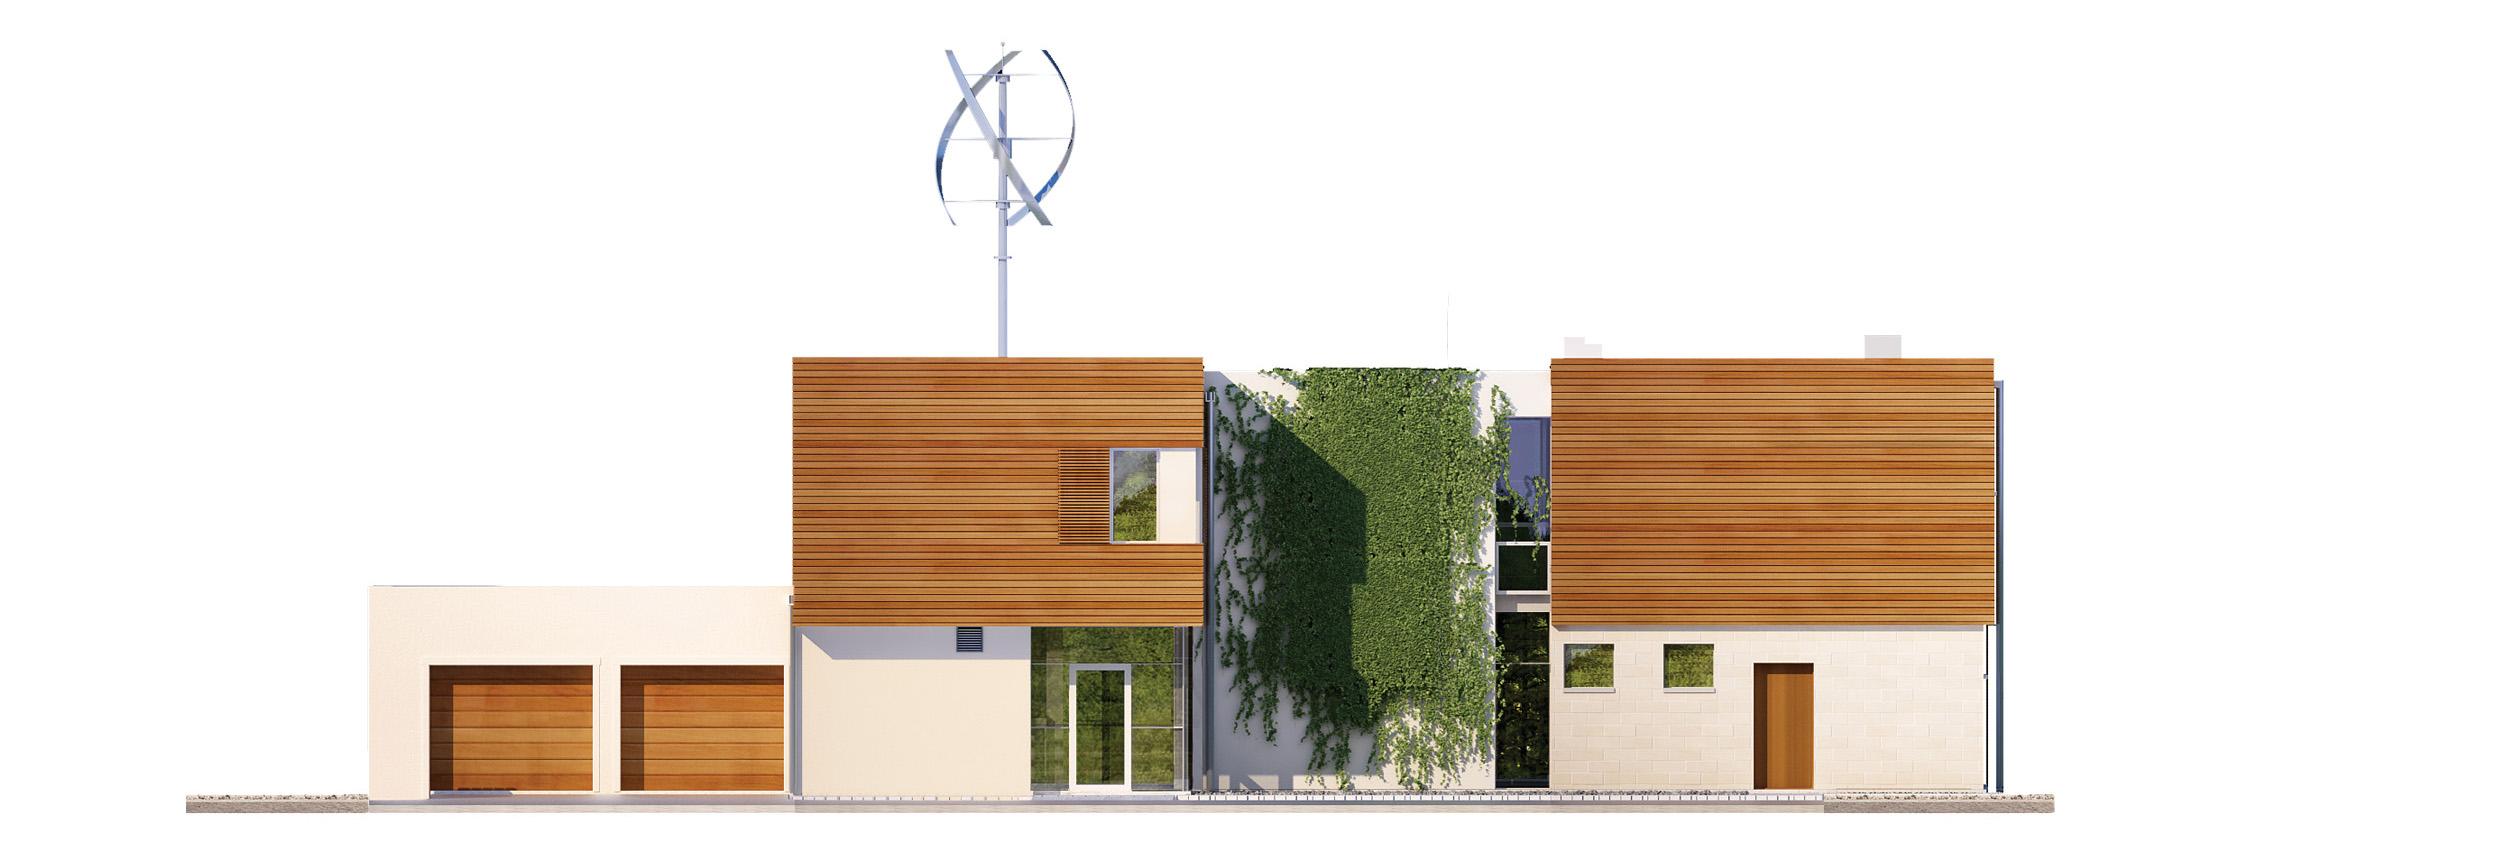 Projekt domu KOMFORTOWY Domy Czystej Energii elewacja frontowa